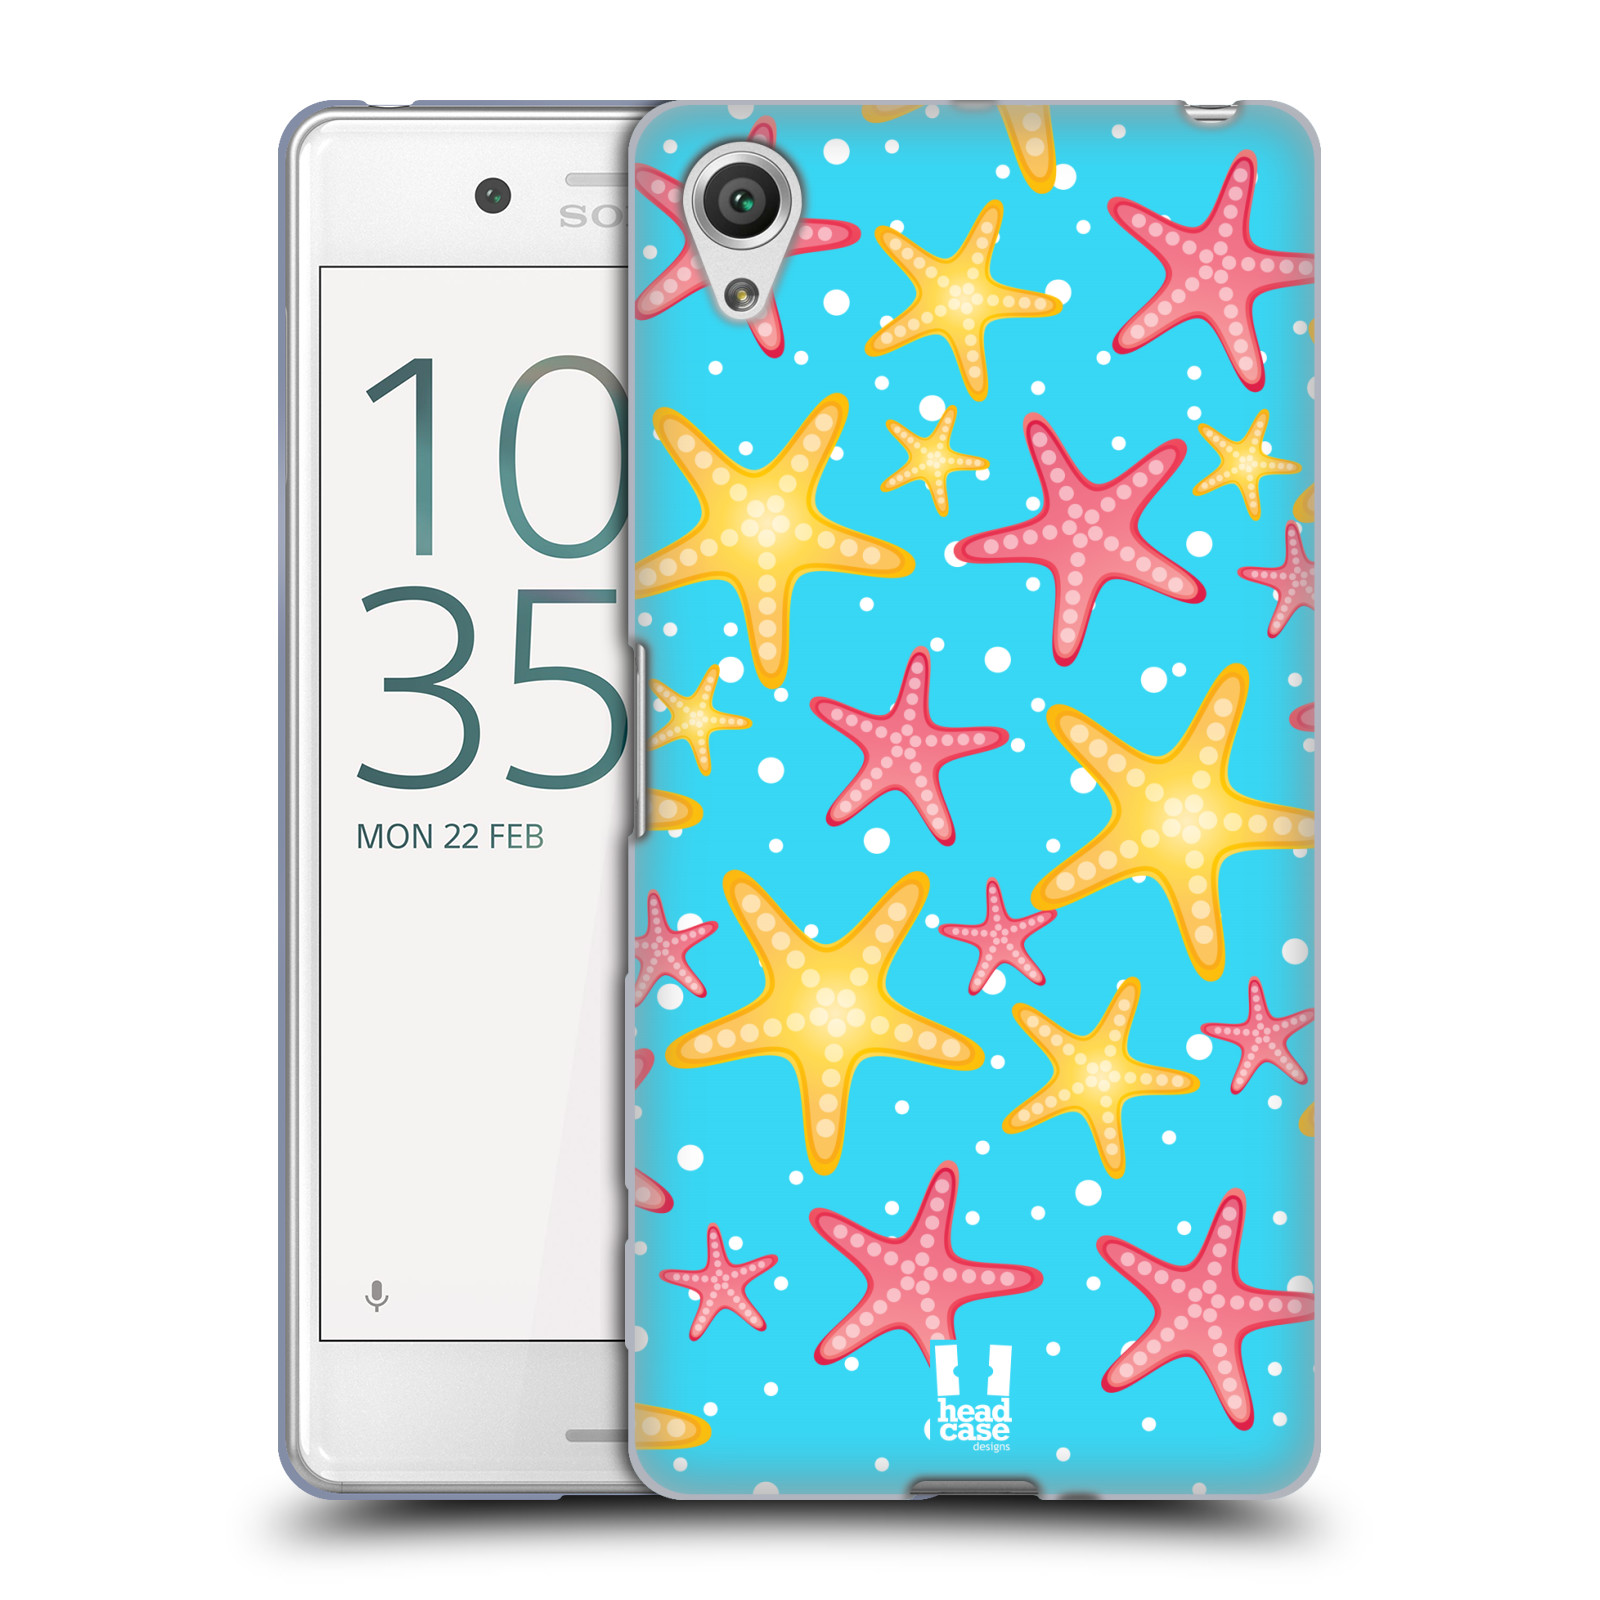 HEAD CASE silikonový obal na mobil Sony Xperia X PERFORMANCE (F8131, F8132) vzor mořský živočich hvězda